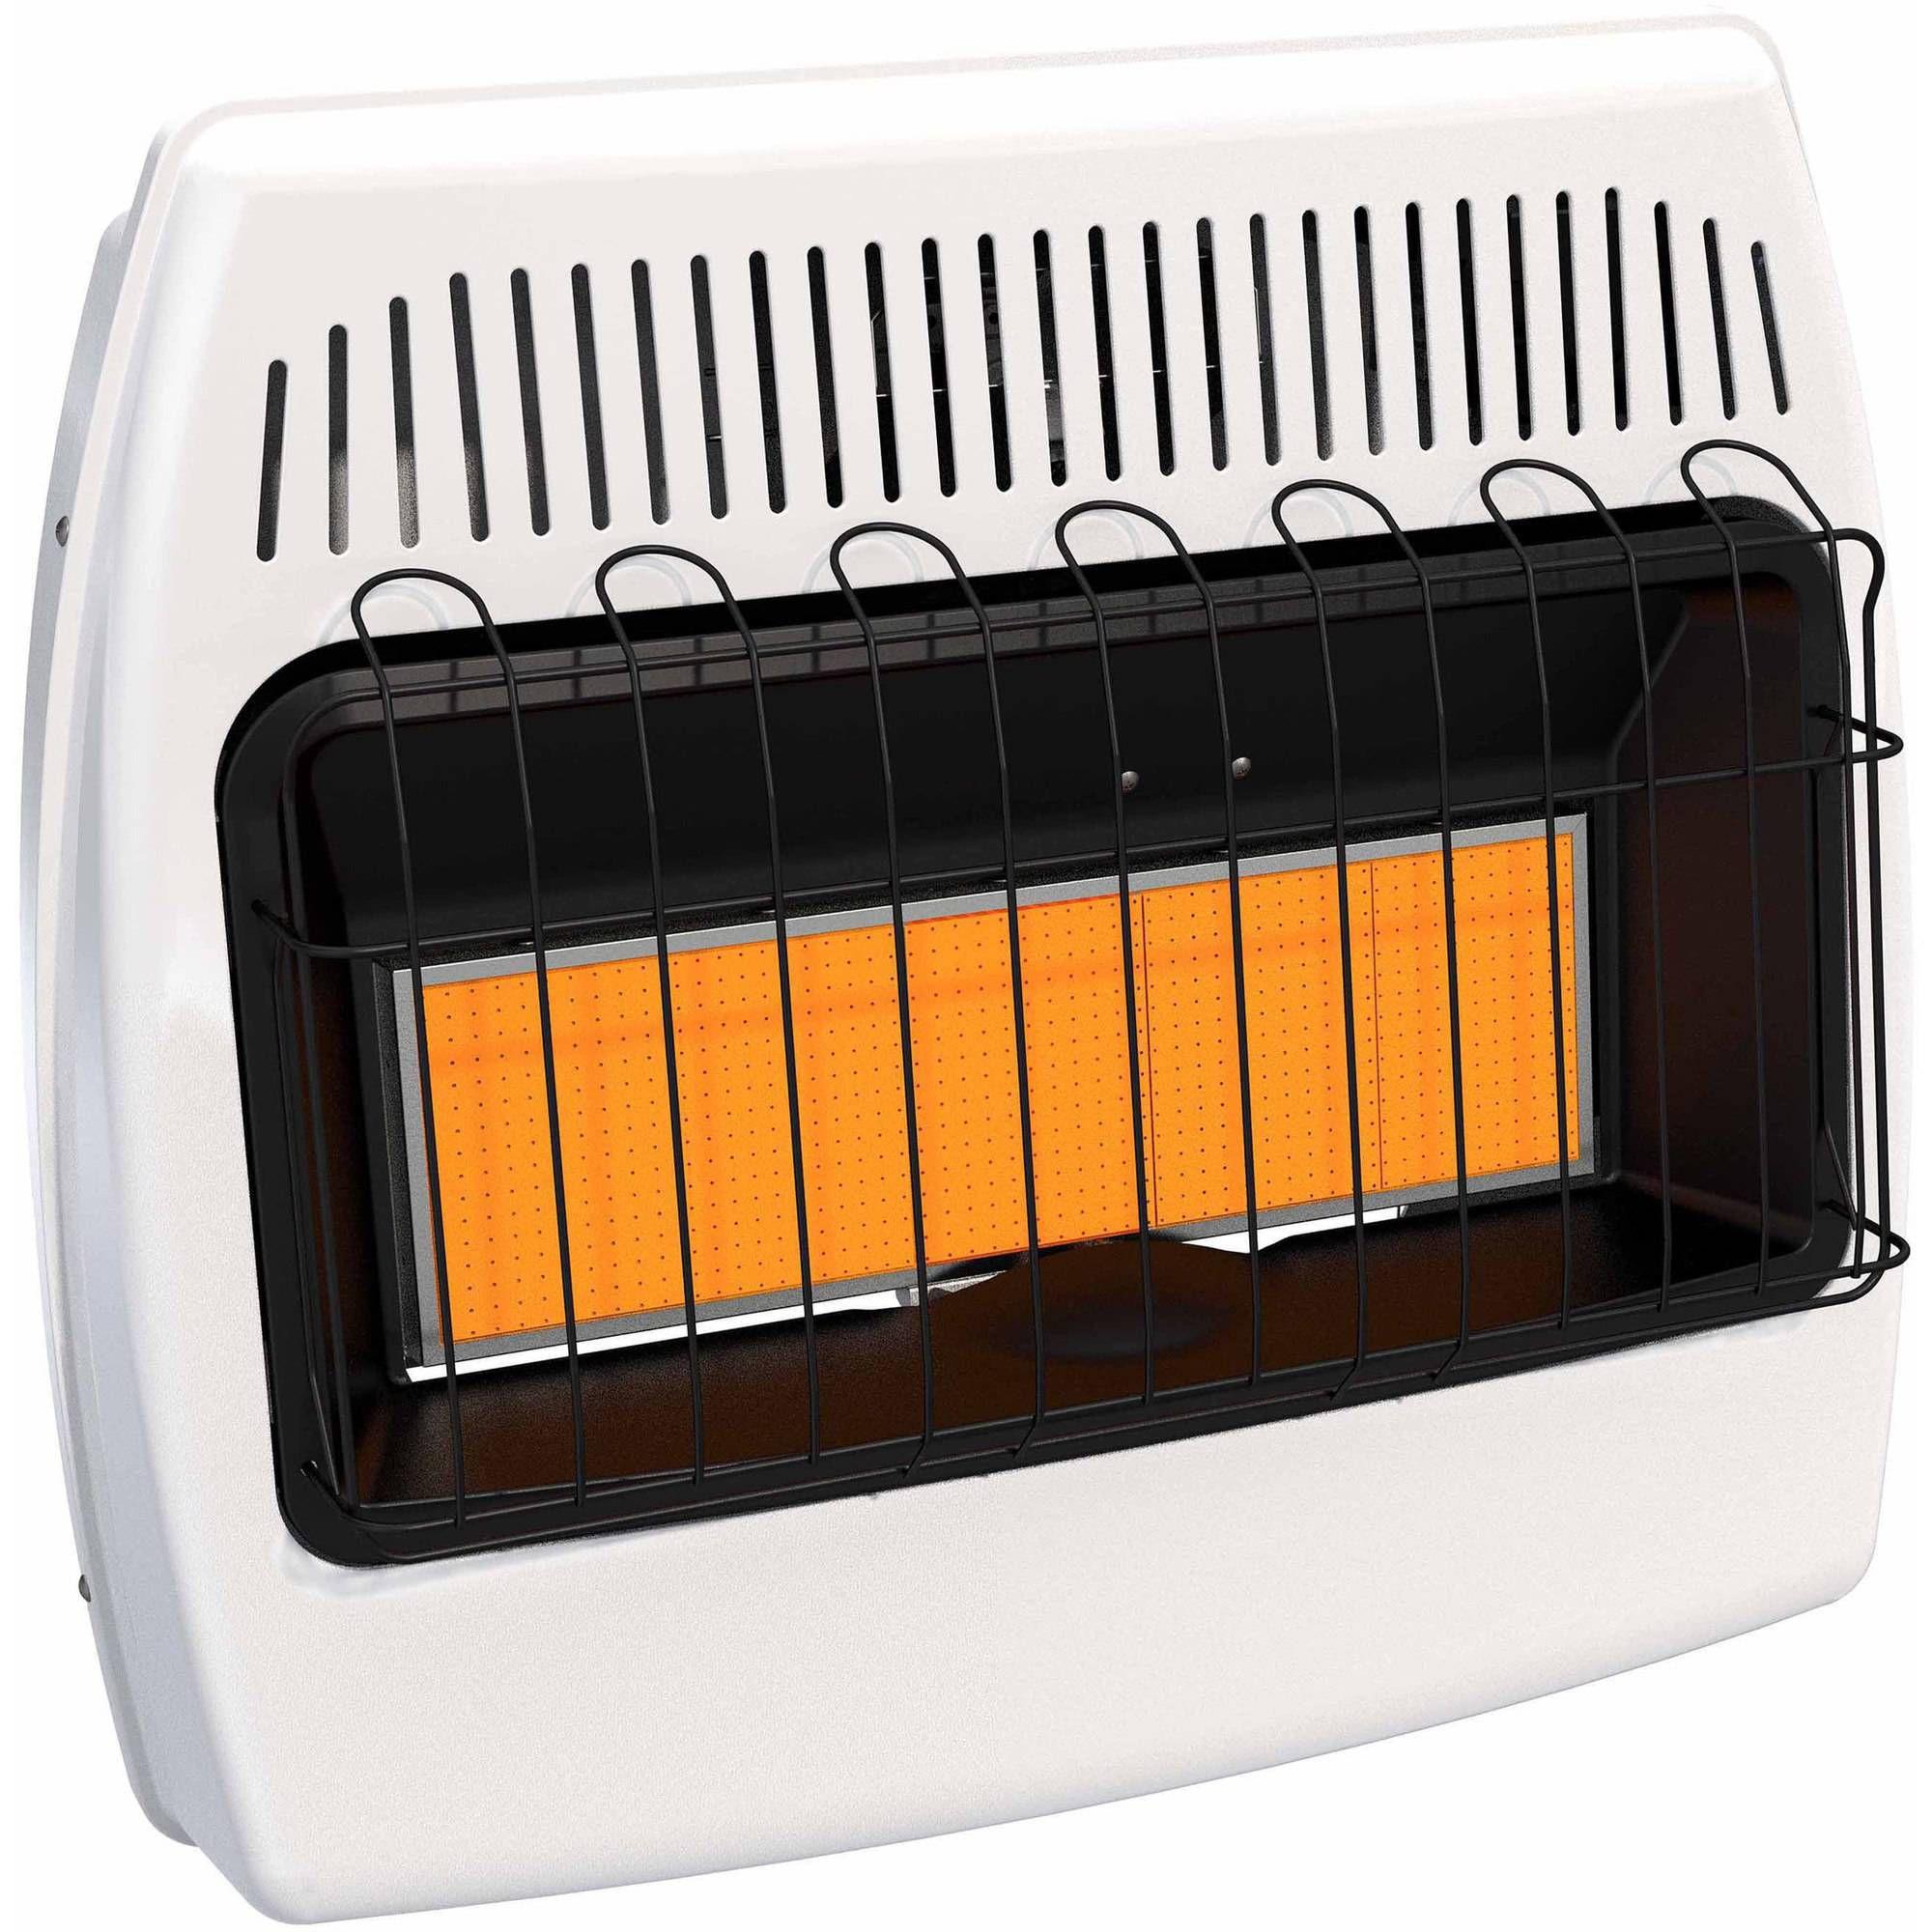 DynaGlo IR30PMDG1 30,000 BTU Infrared Propane Gas Vent